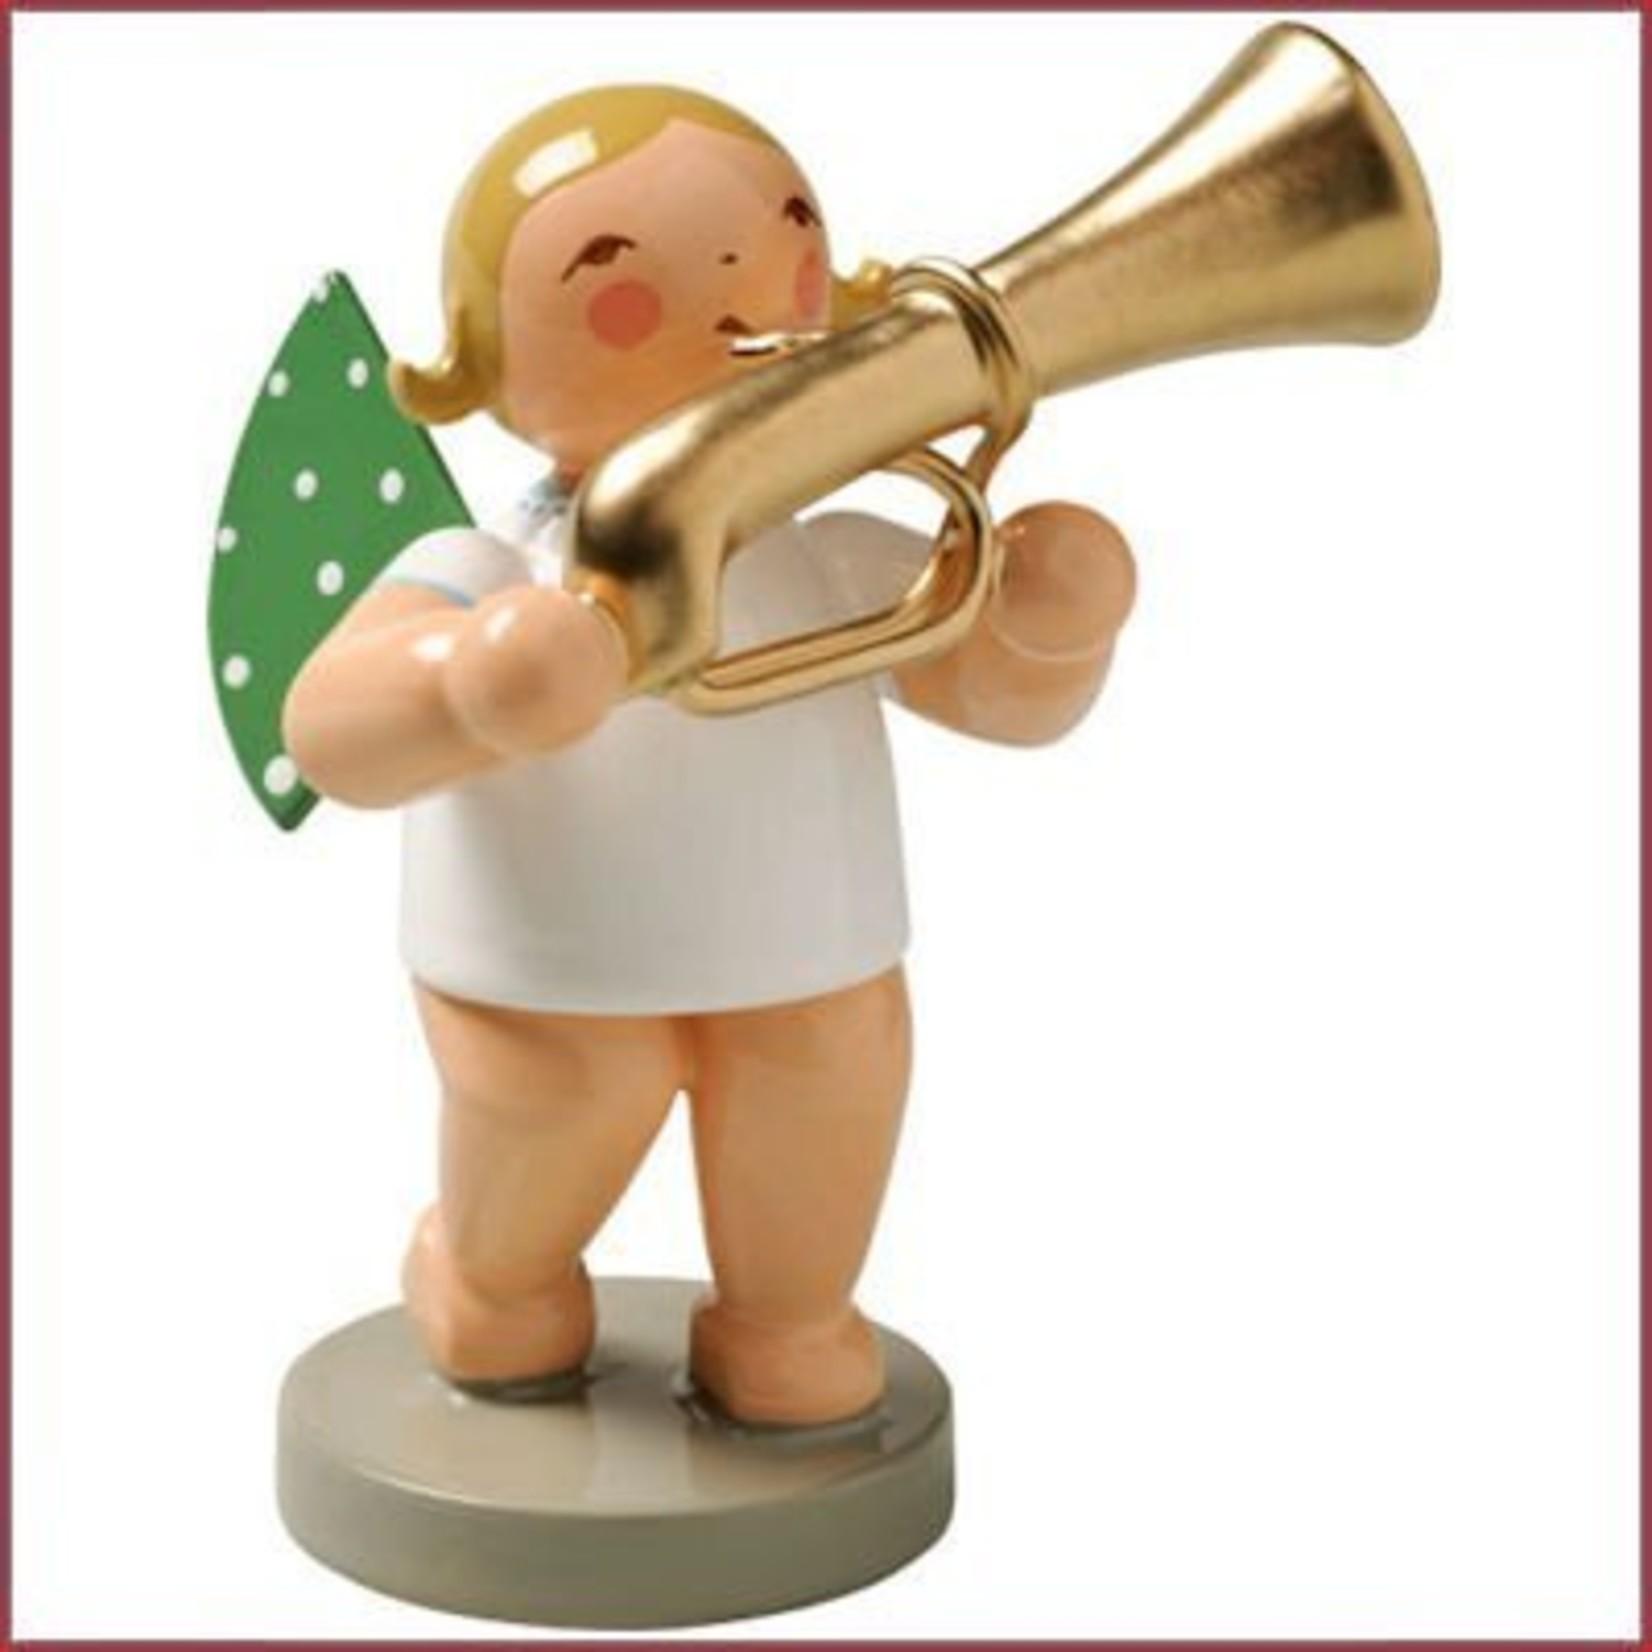 Wendt & Kühn Grunhainichense Engel met tuba